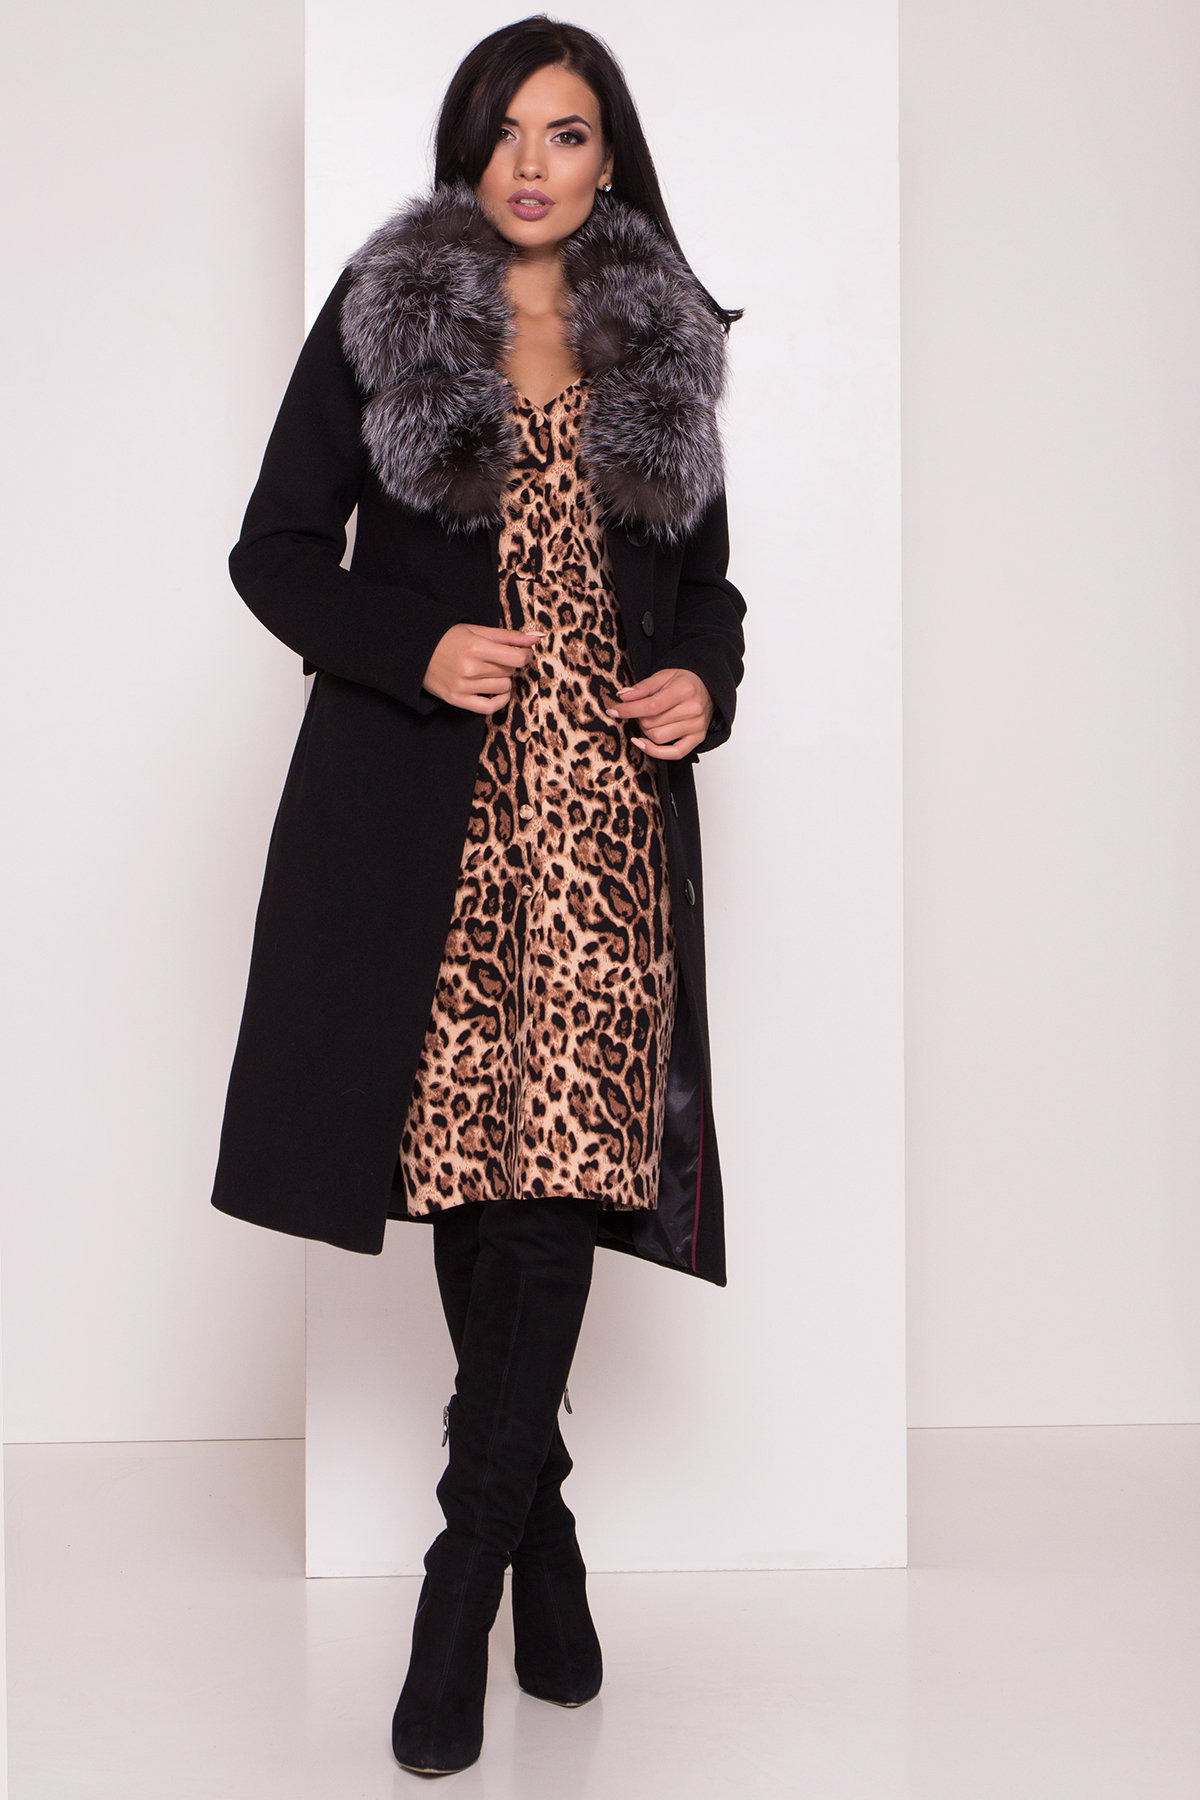 Зимнее пальто с меховым воротником Лабио 8150 АРТ. 44107 Цвет: Черный Н-1 - фото 5, интернет магазин tm-modus.ru